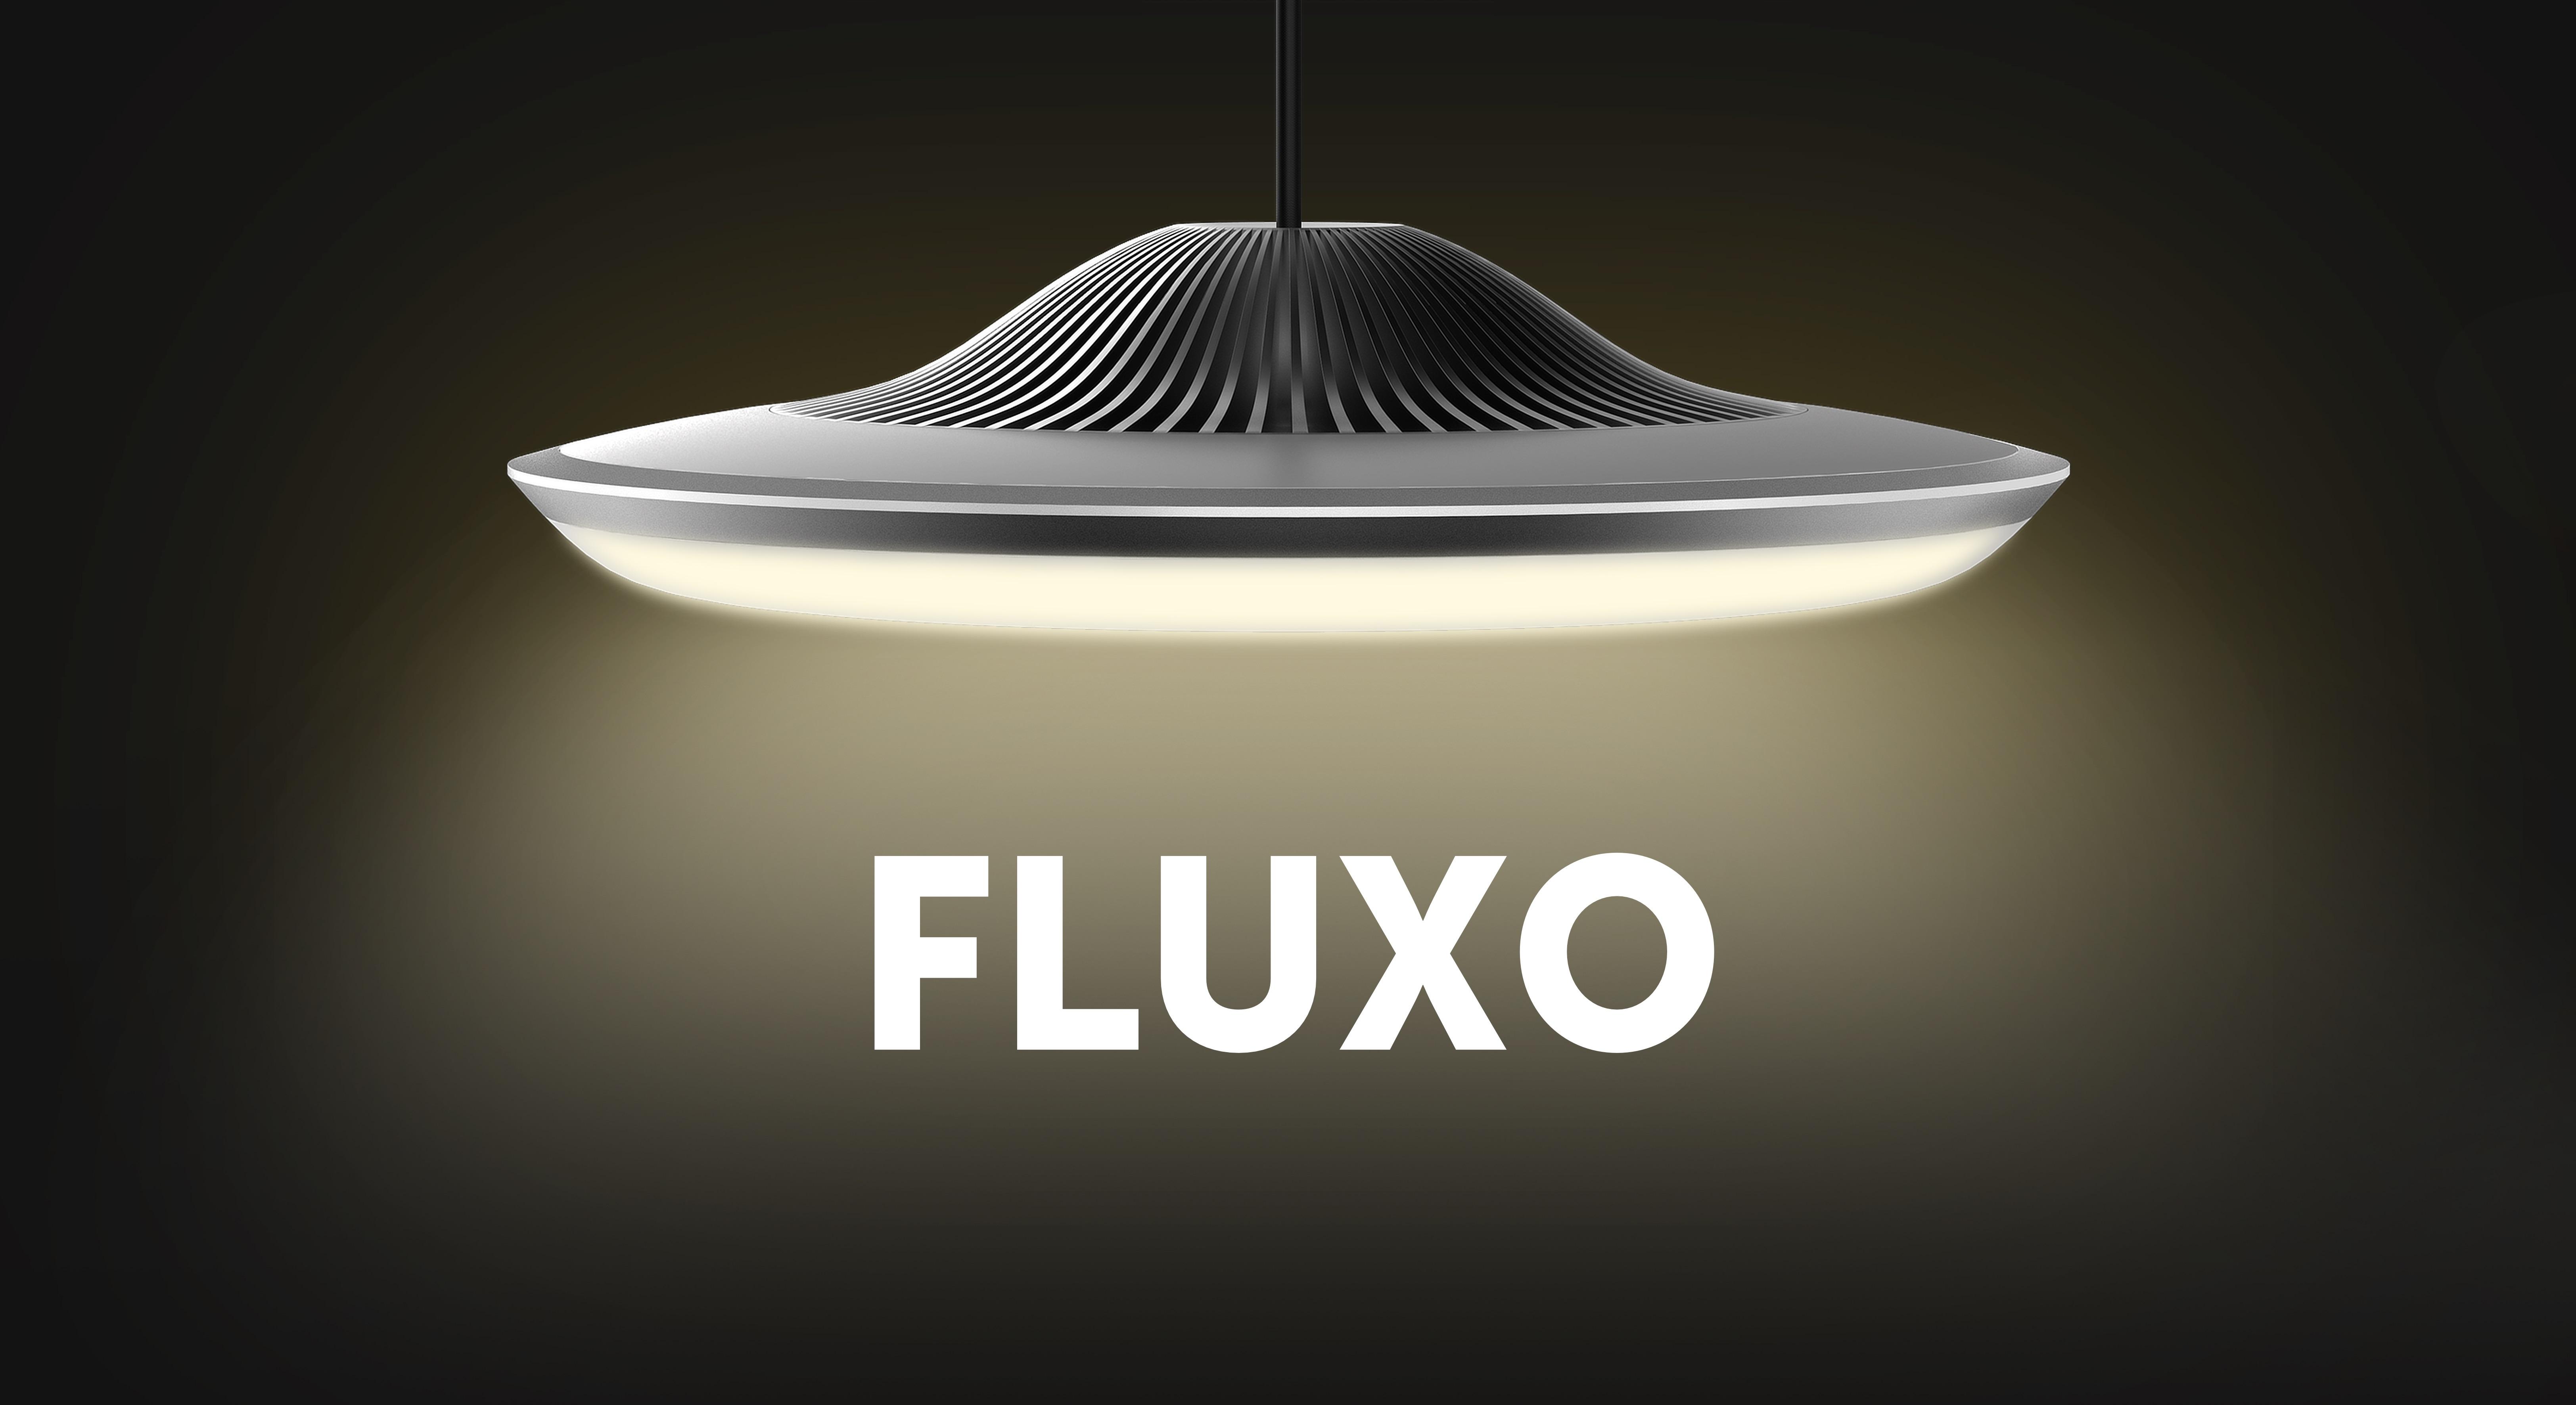 (c) Luke Roberts, Fluxo ist eine smarte Lampe, die teilweise automatisiert funktioniert